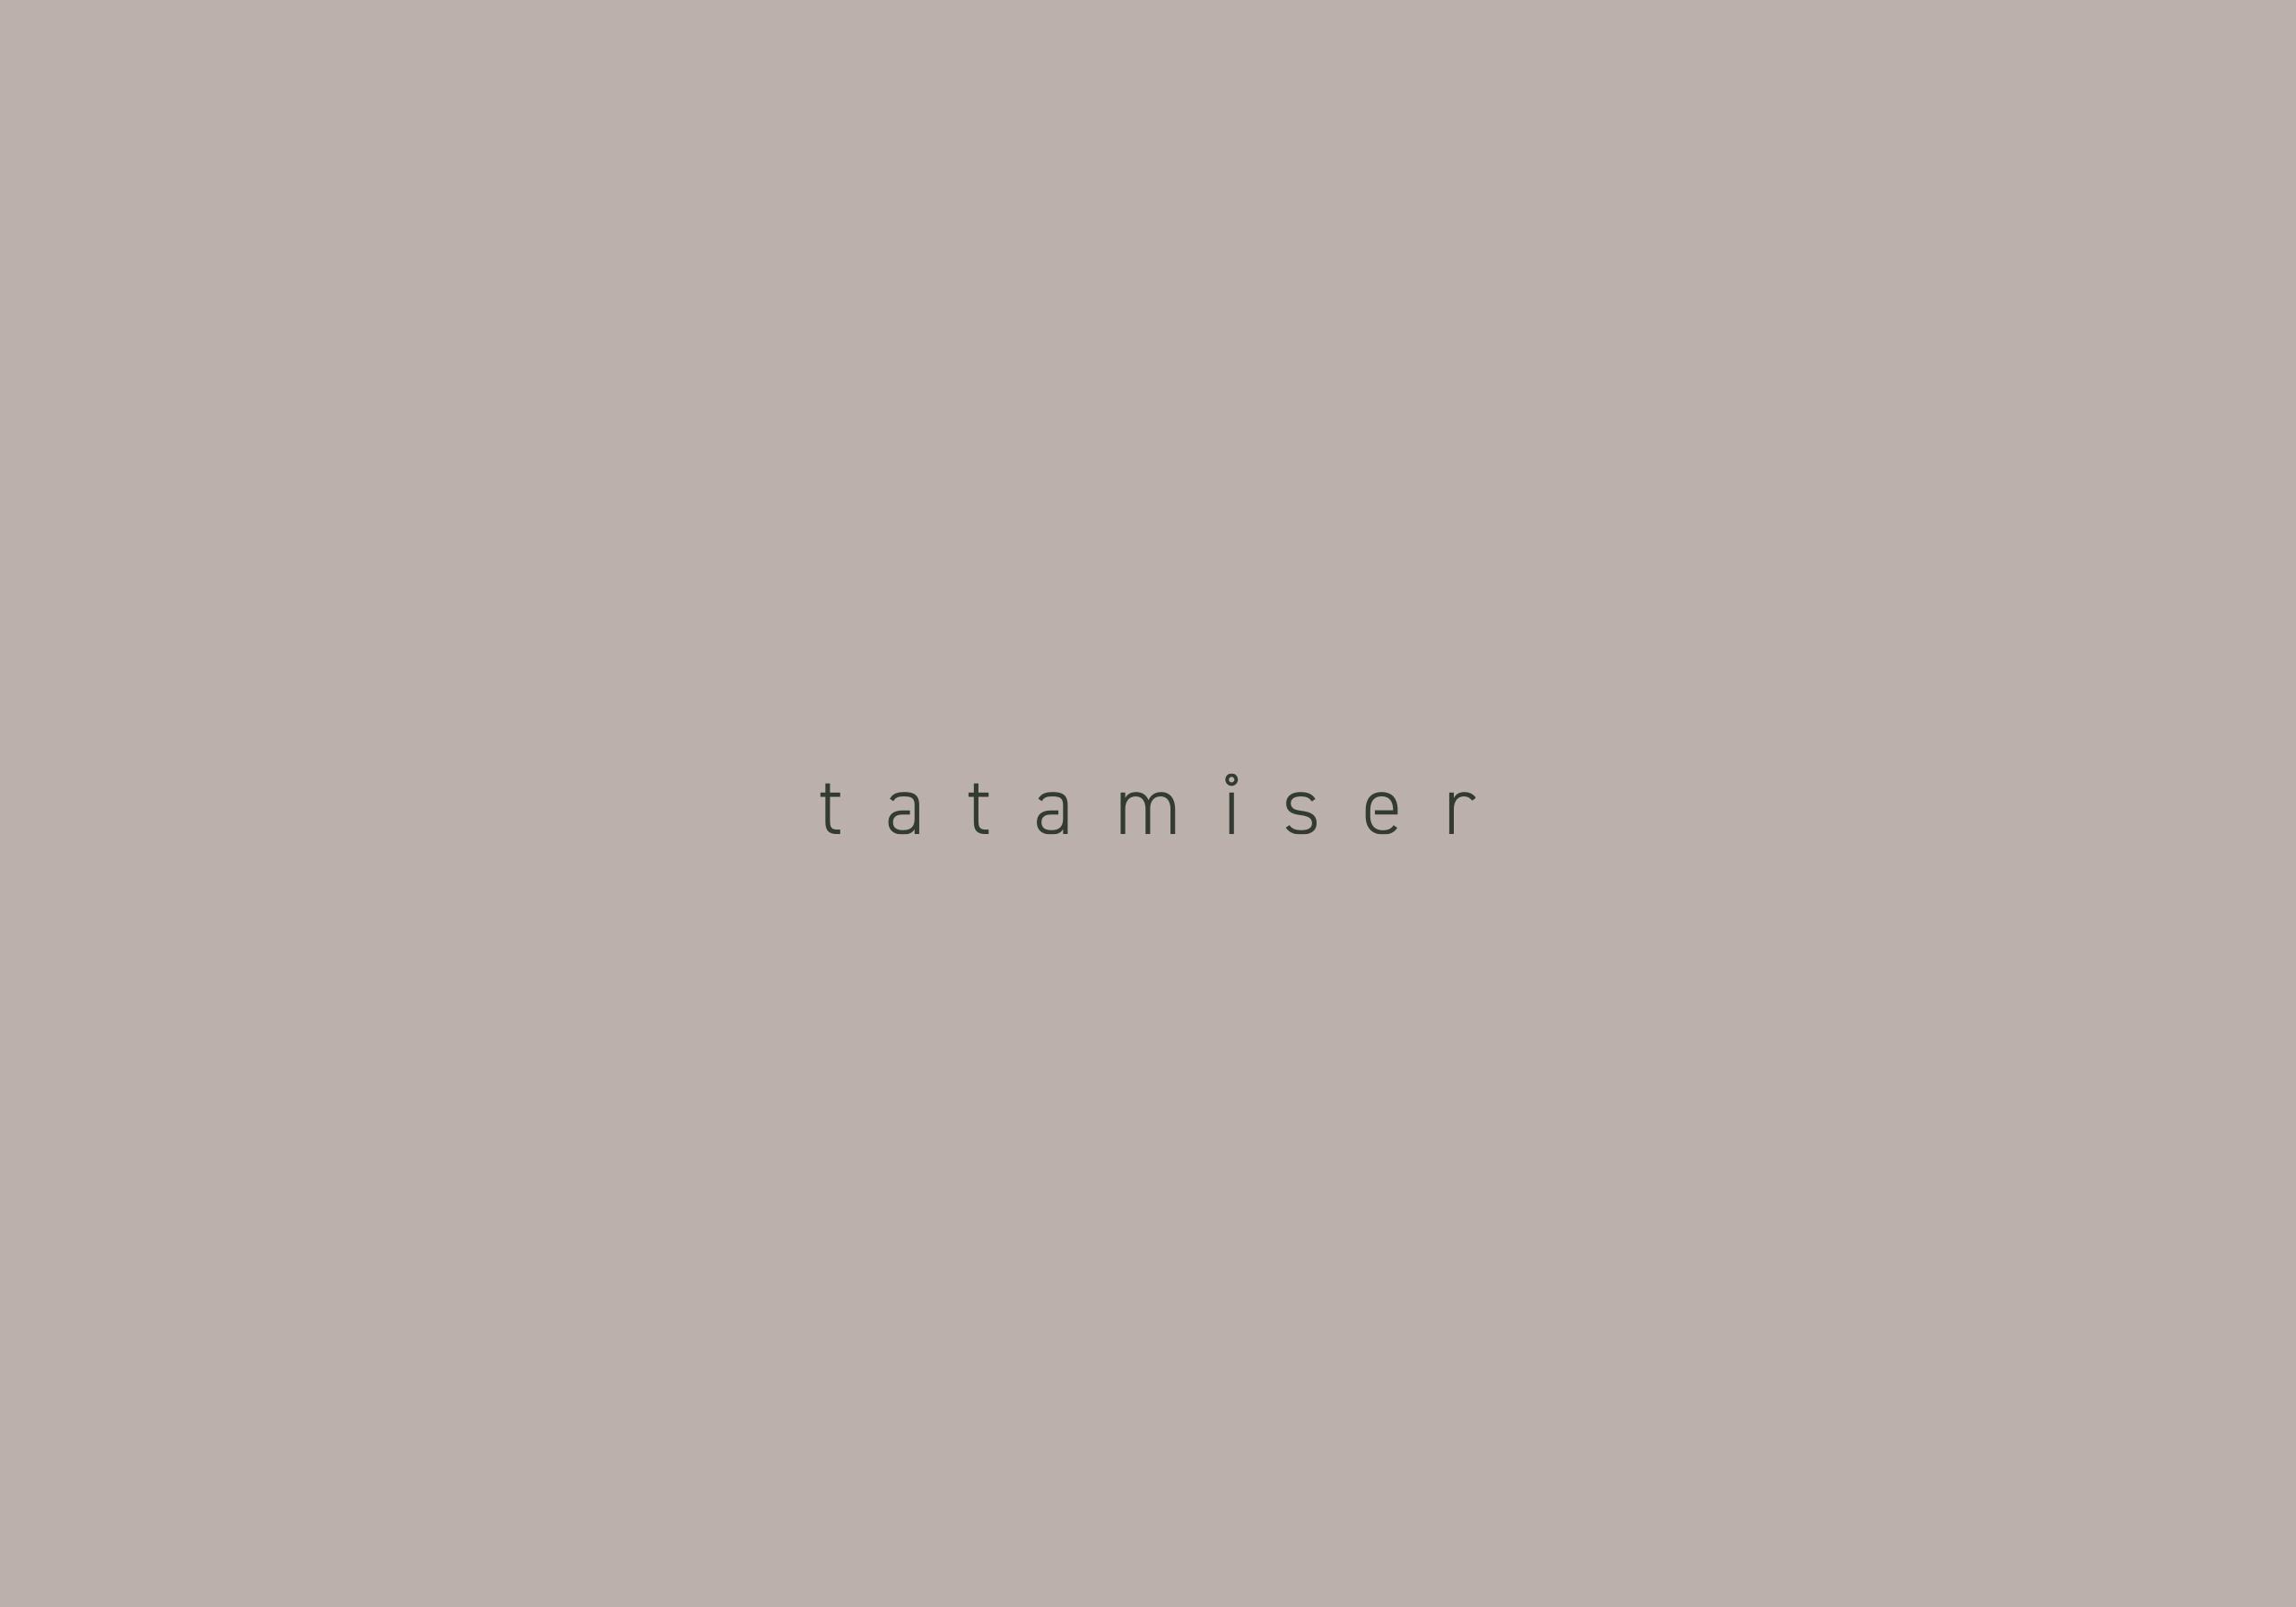 tatamiser_logo